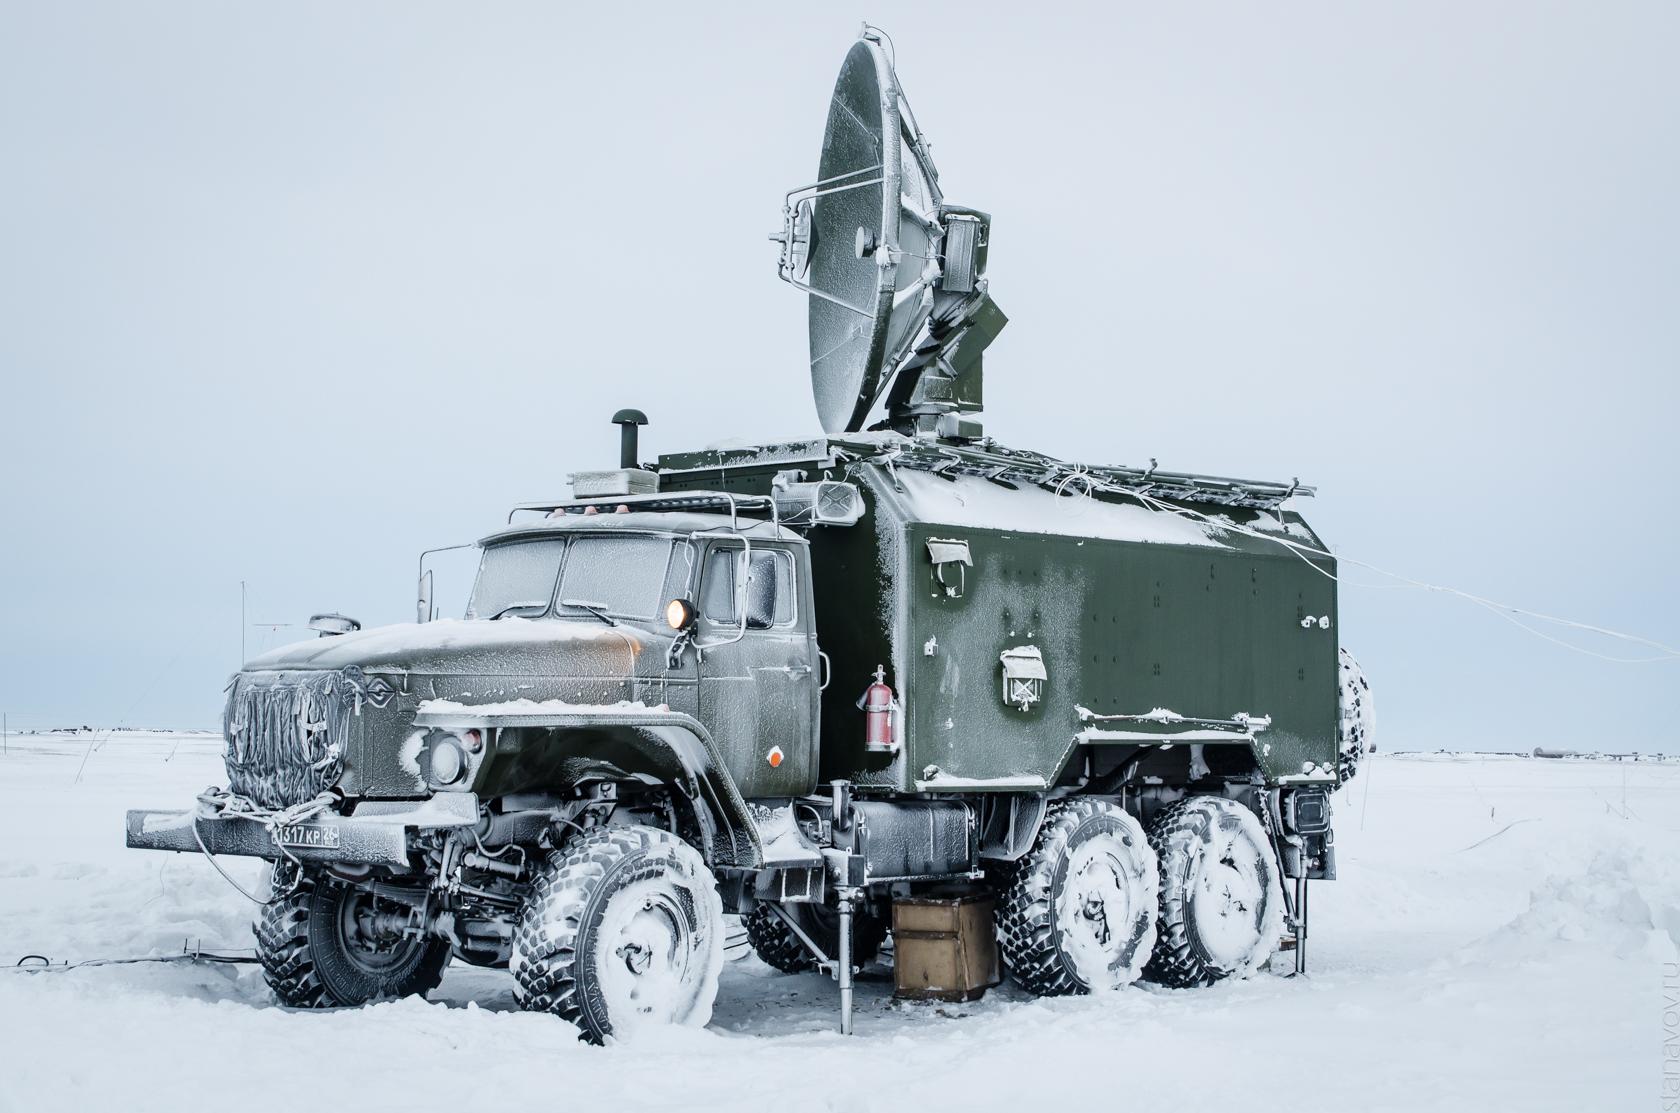 Военная база, Новосибирские острова, остров Котельный